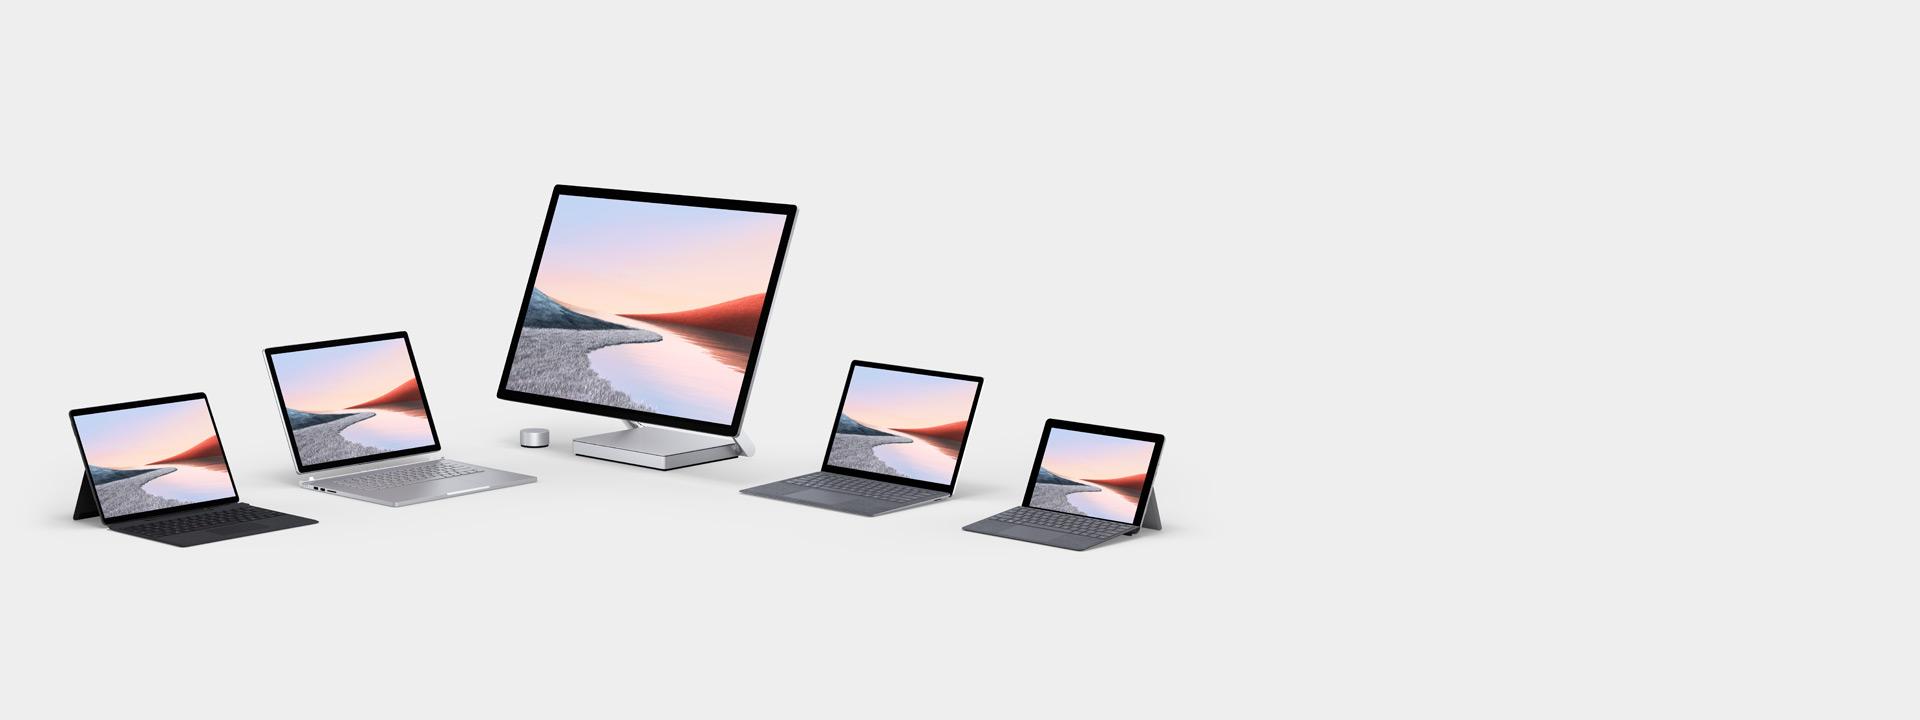 Een weergave van meerdere Surface-computers